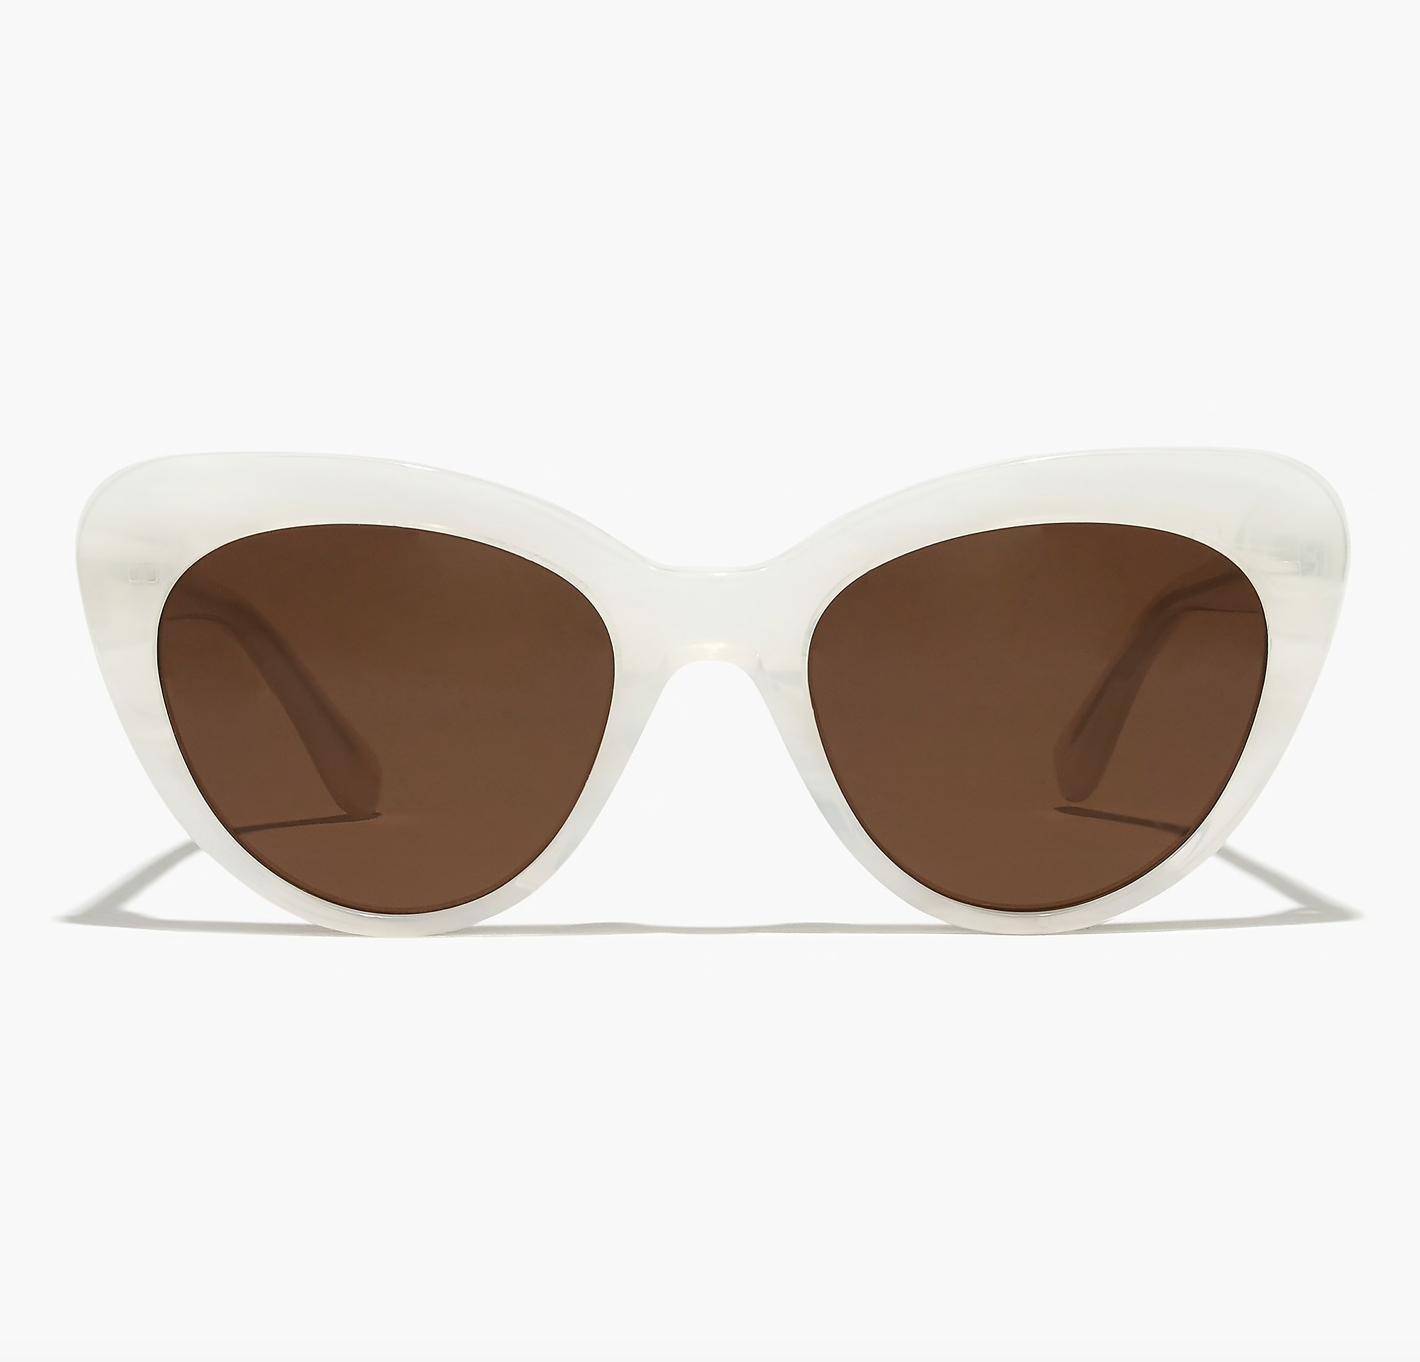 J.Crew Verdana Cateye Sunglasses